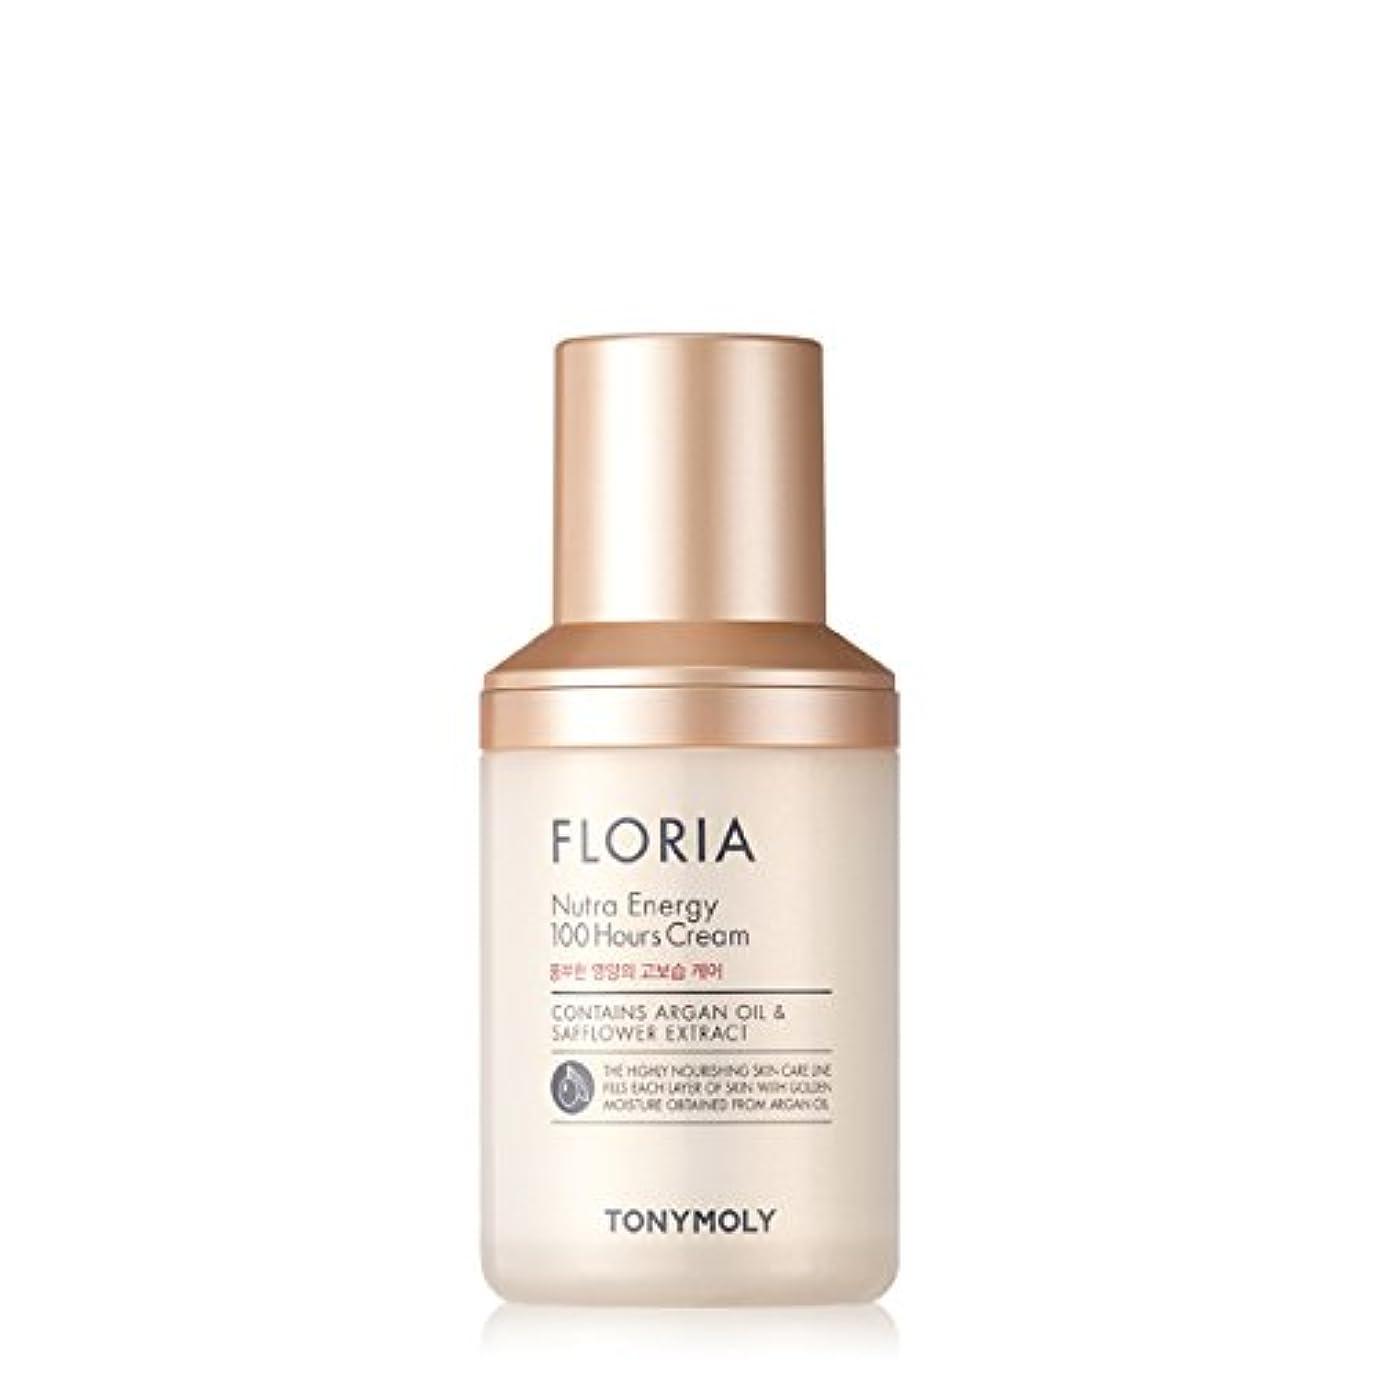 何かキノコインペリアル[NEW] TONY MOLY Floria Nutra energy 100 hours Cream 50ml トニーモリー フローリア ニュートラ エナジー 100時間 クリーム 50ml [並行輸入品]